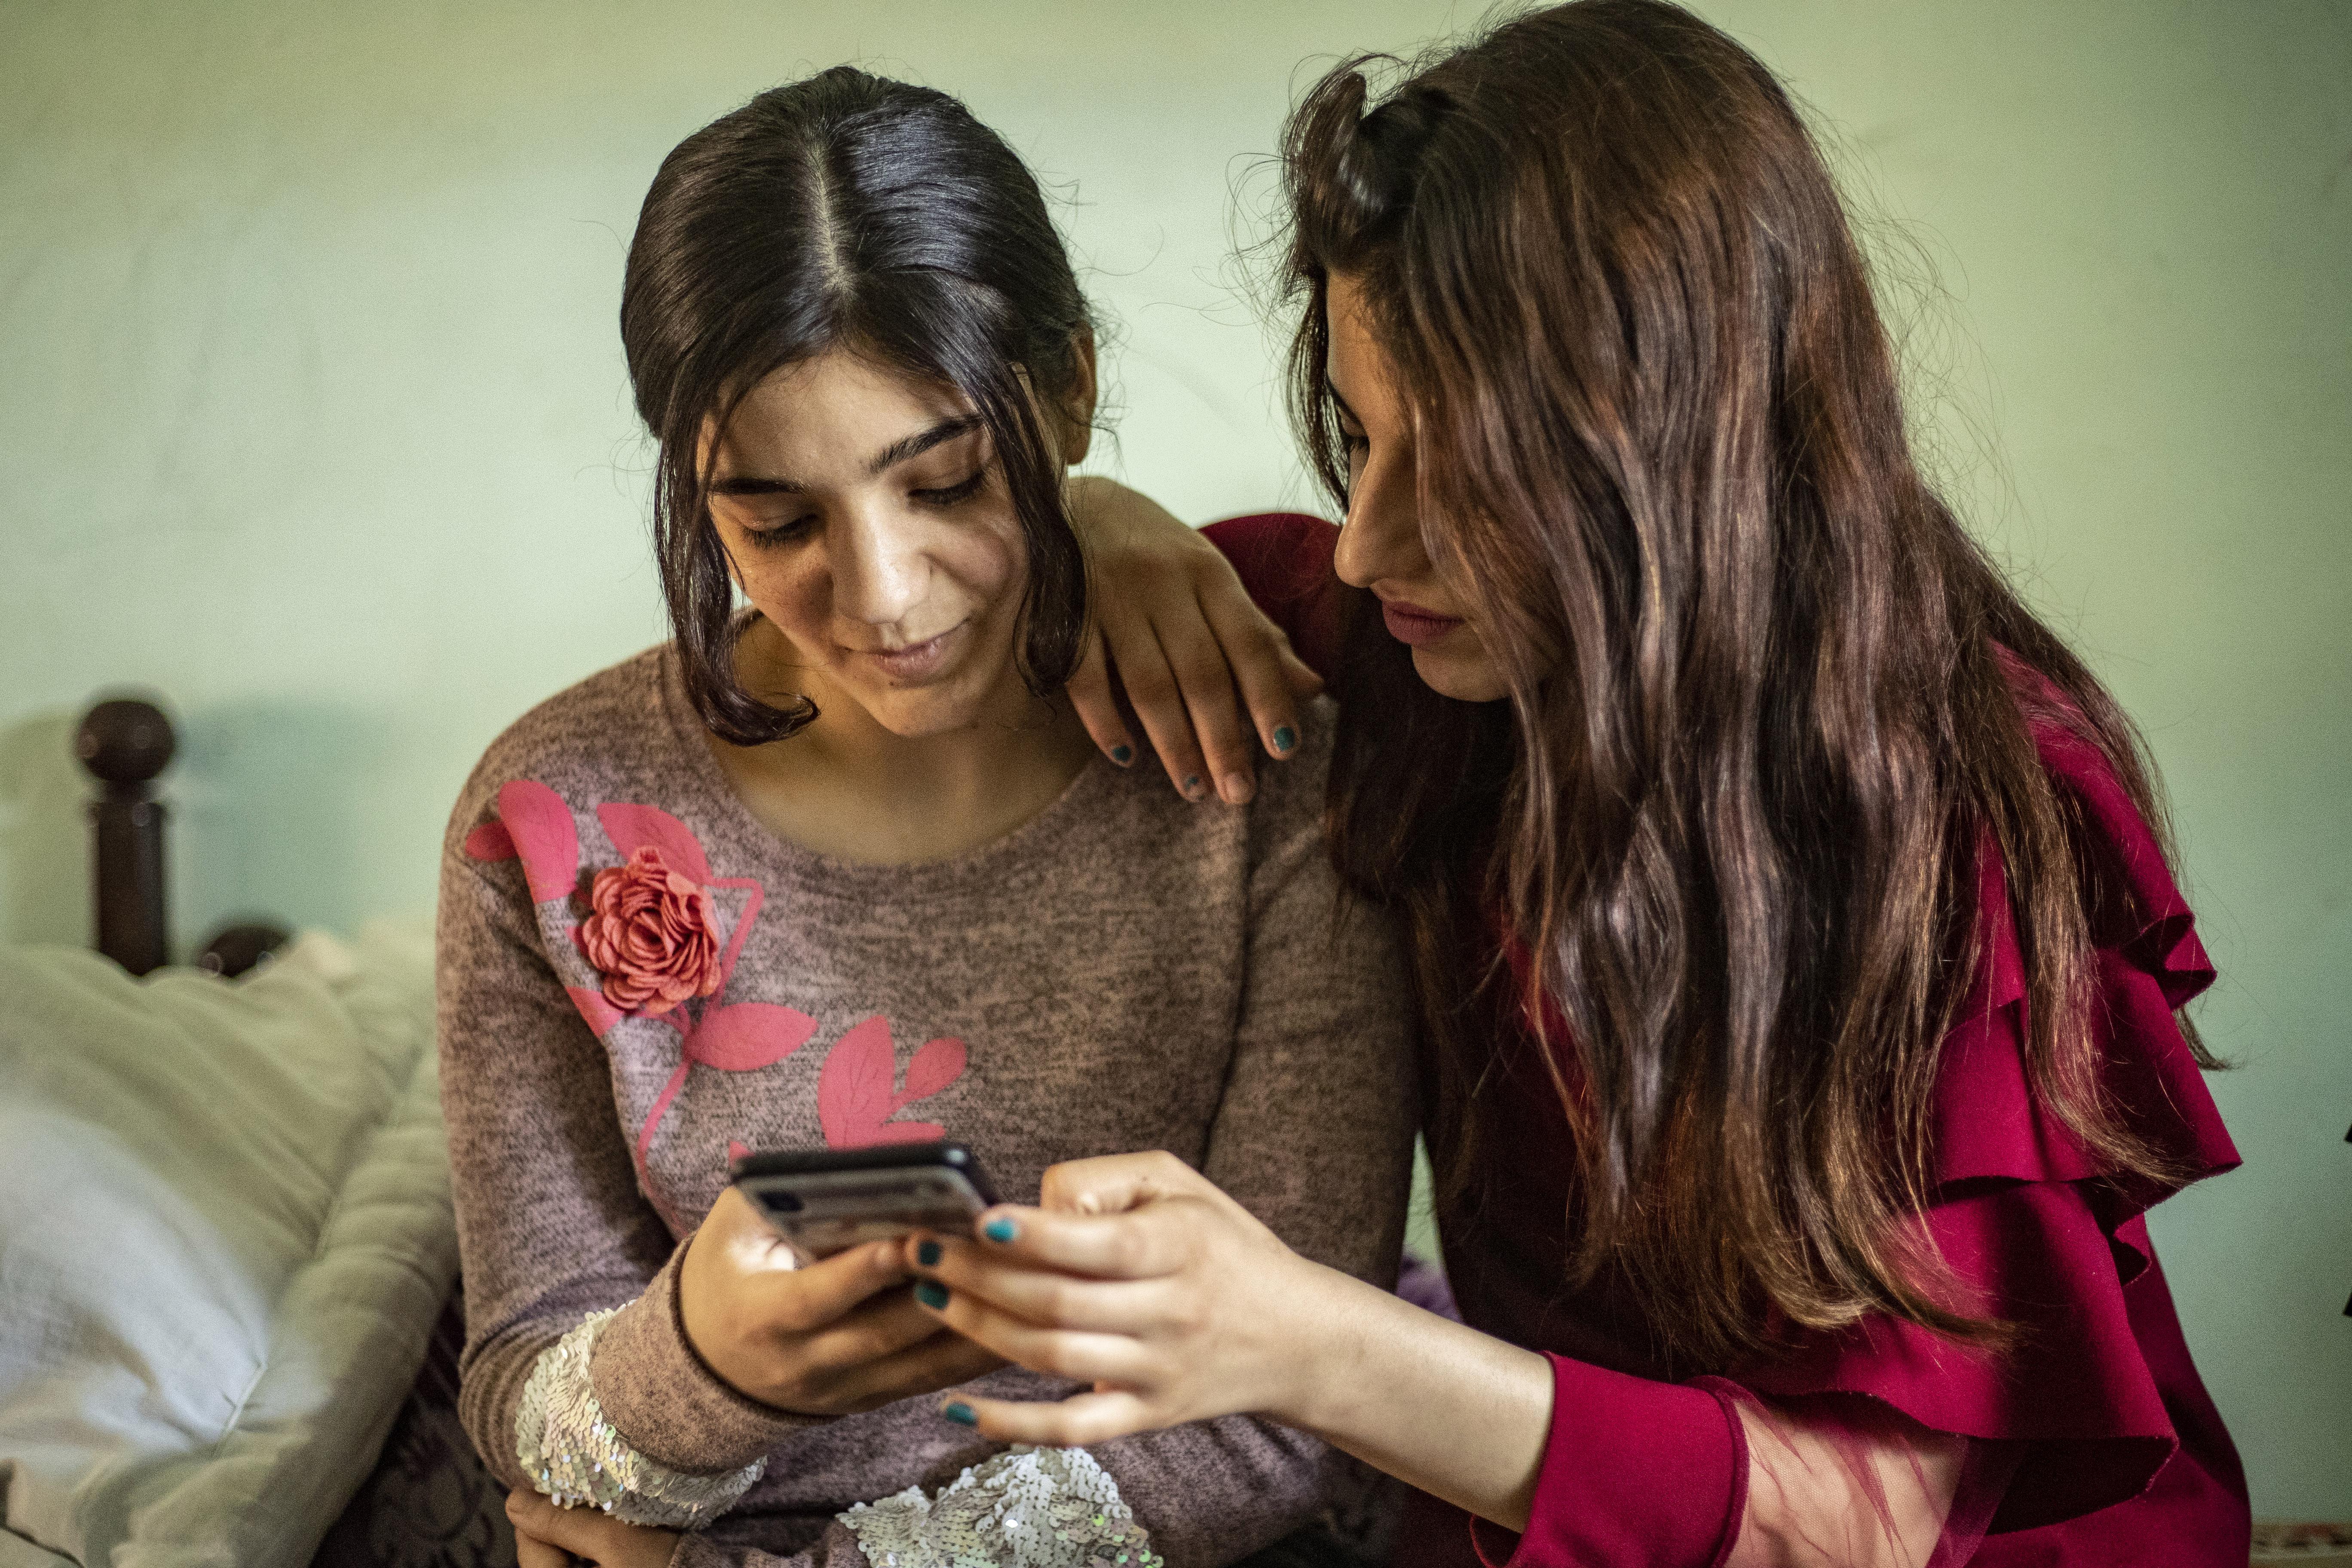 الشابة الأيزيدية ليلى عيدو (يسارا) تنظر إلى الصور مع صديقة لها في ريف الحسكة شمال شرق سوريا